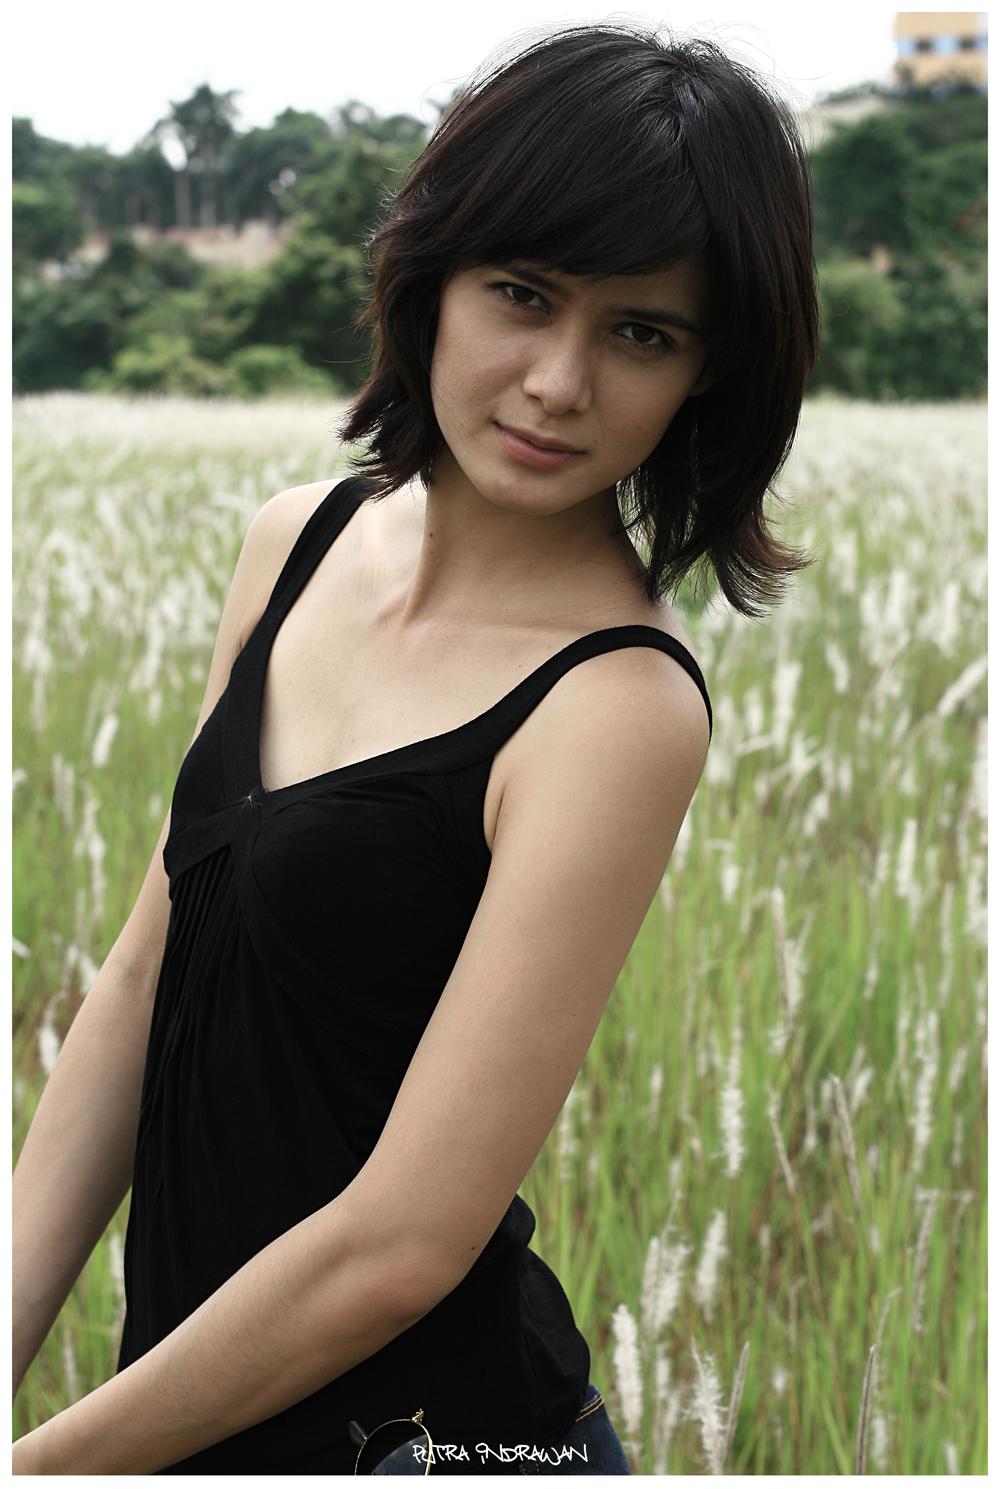 foto hot artis dan model renata kusmanto makassar info